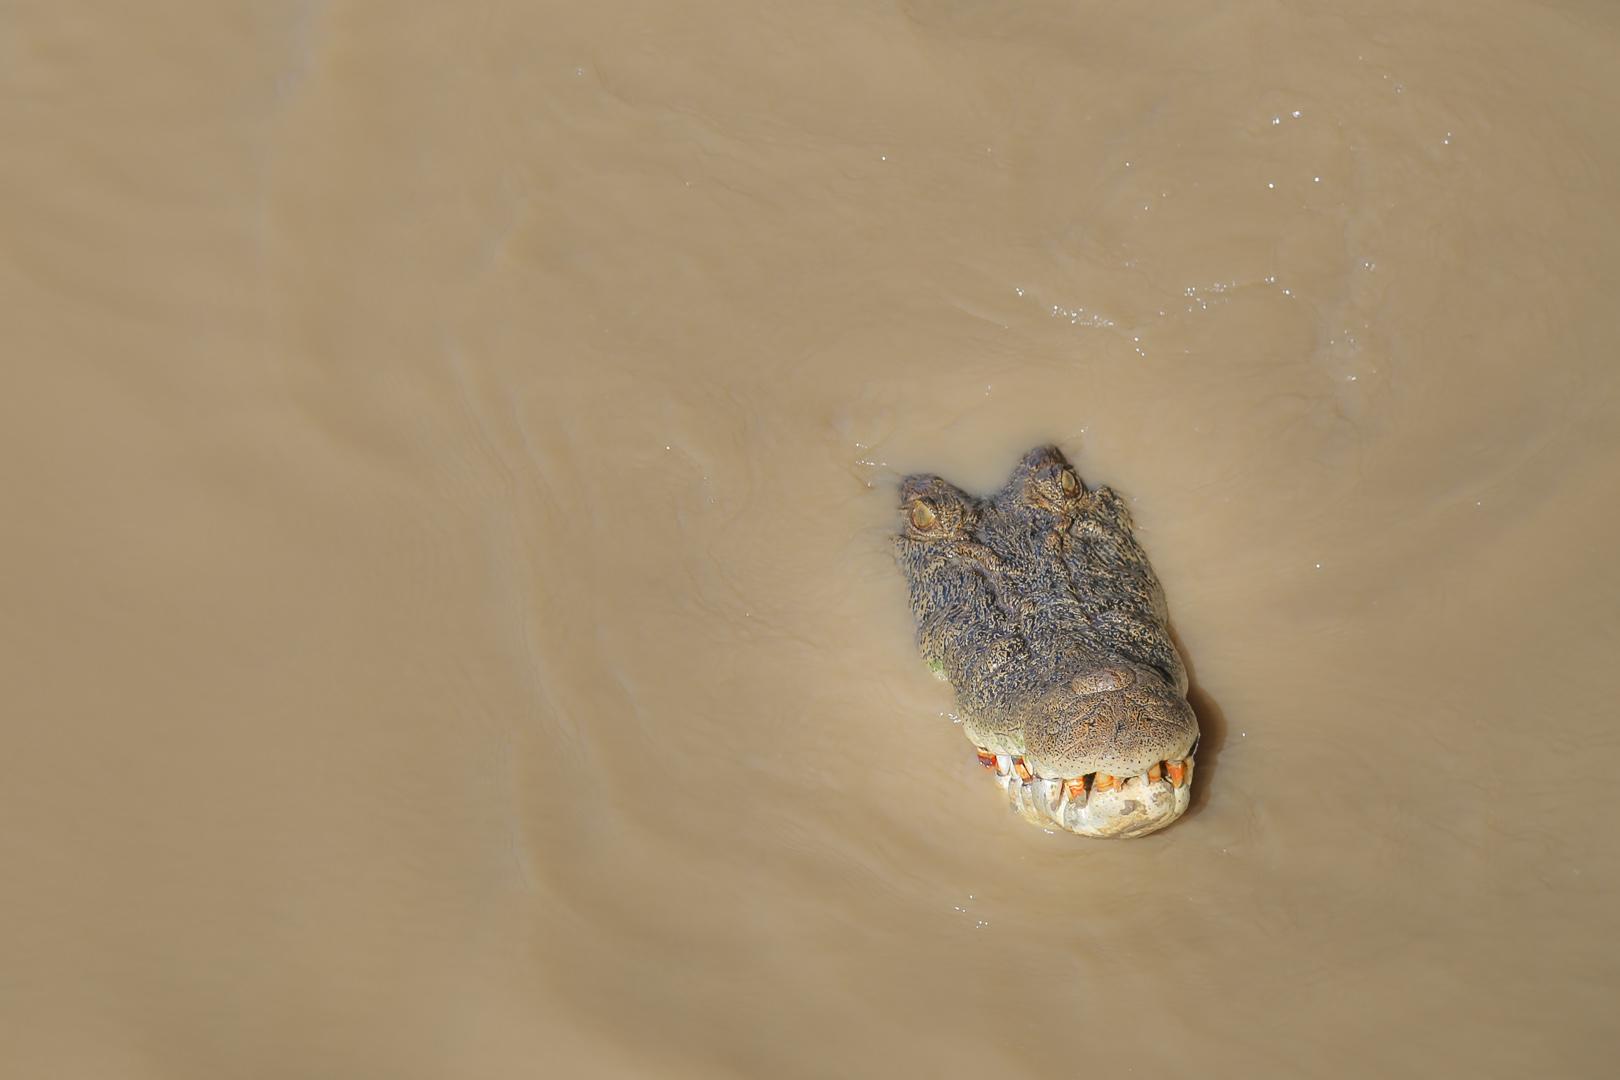 Jumping crocs-6